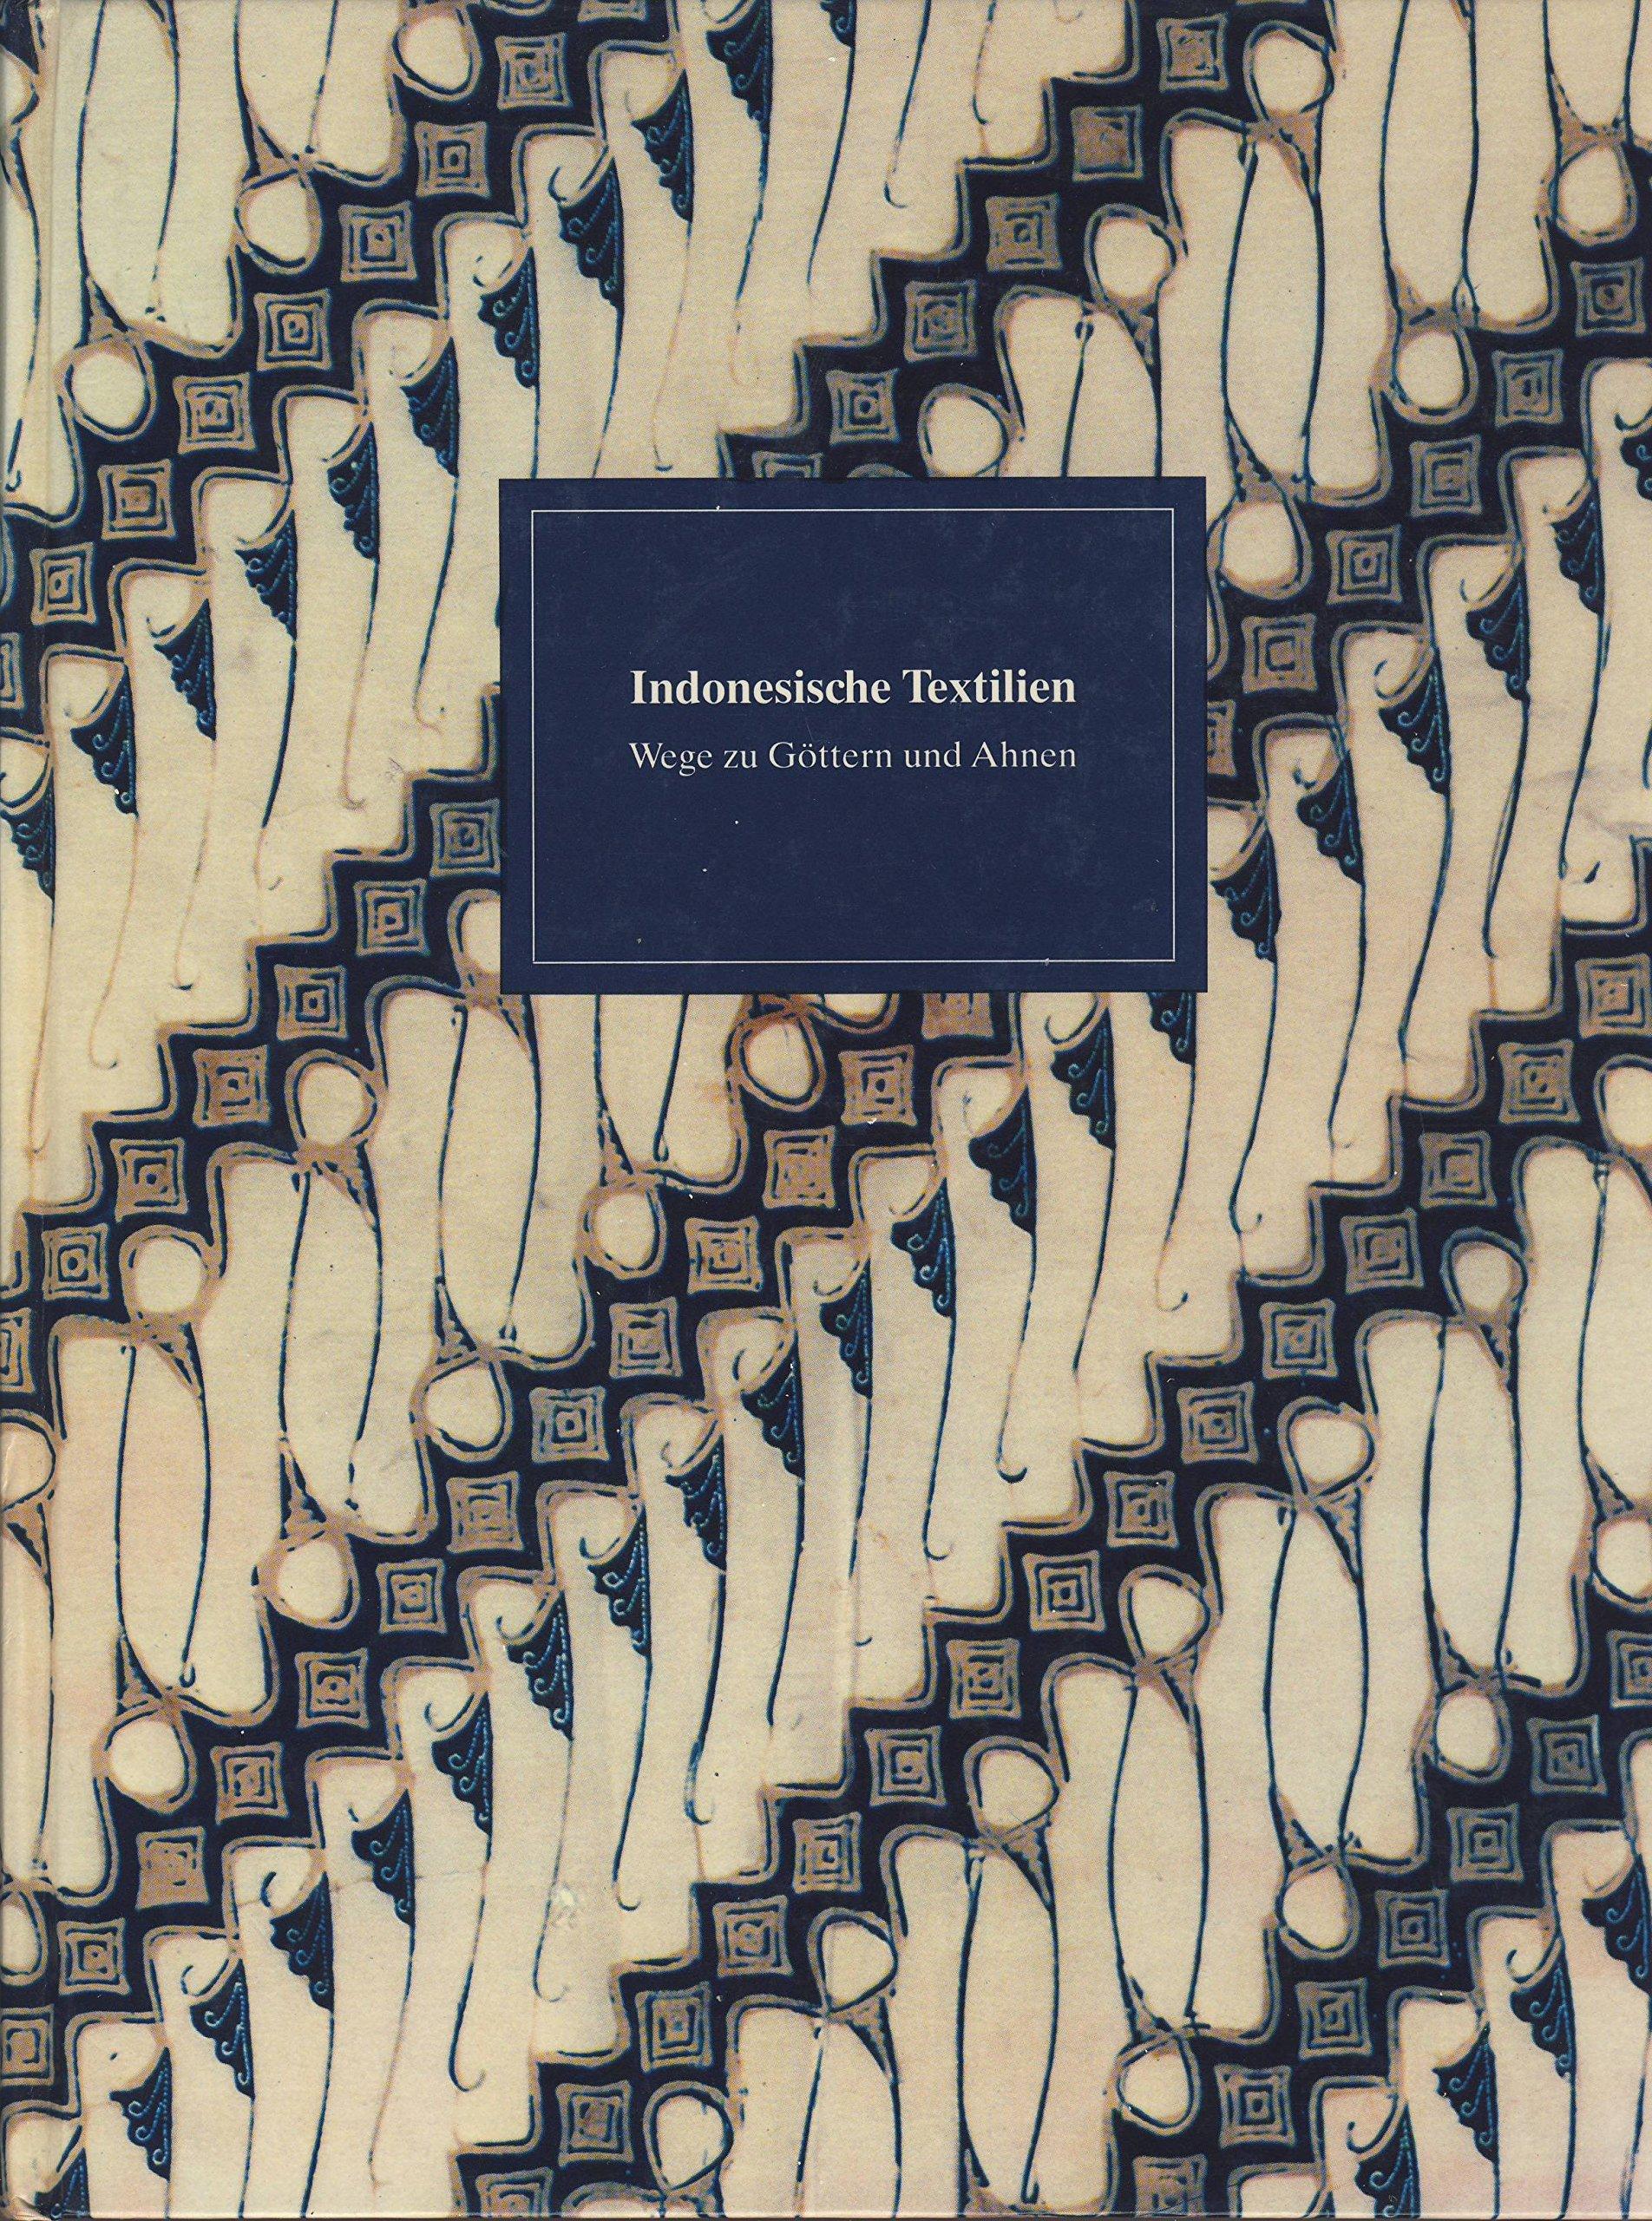 Indonesische Textilien: Wege zu Göttern und Ahnen Brigitte Khan Majilis